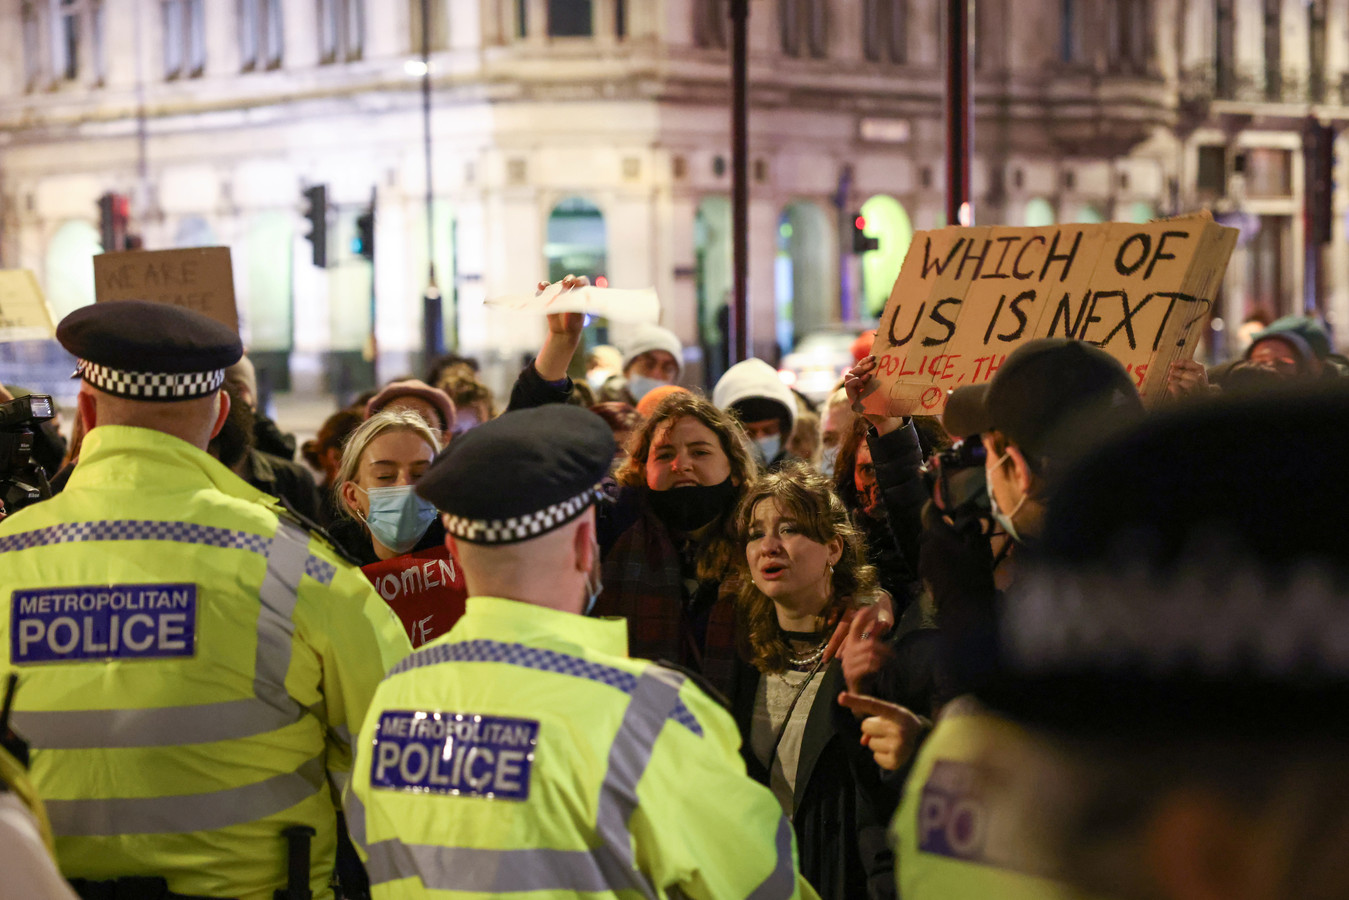 De politie trad hard op bij het protest in Londen.